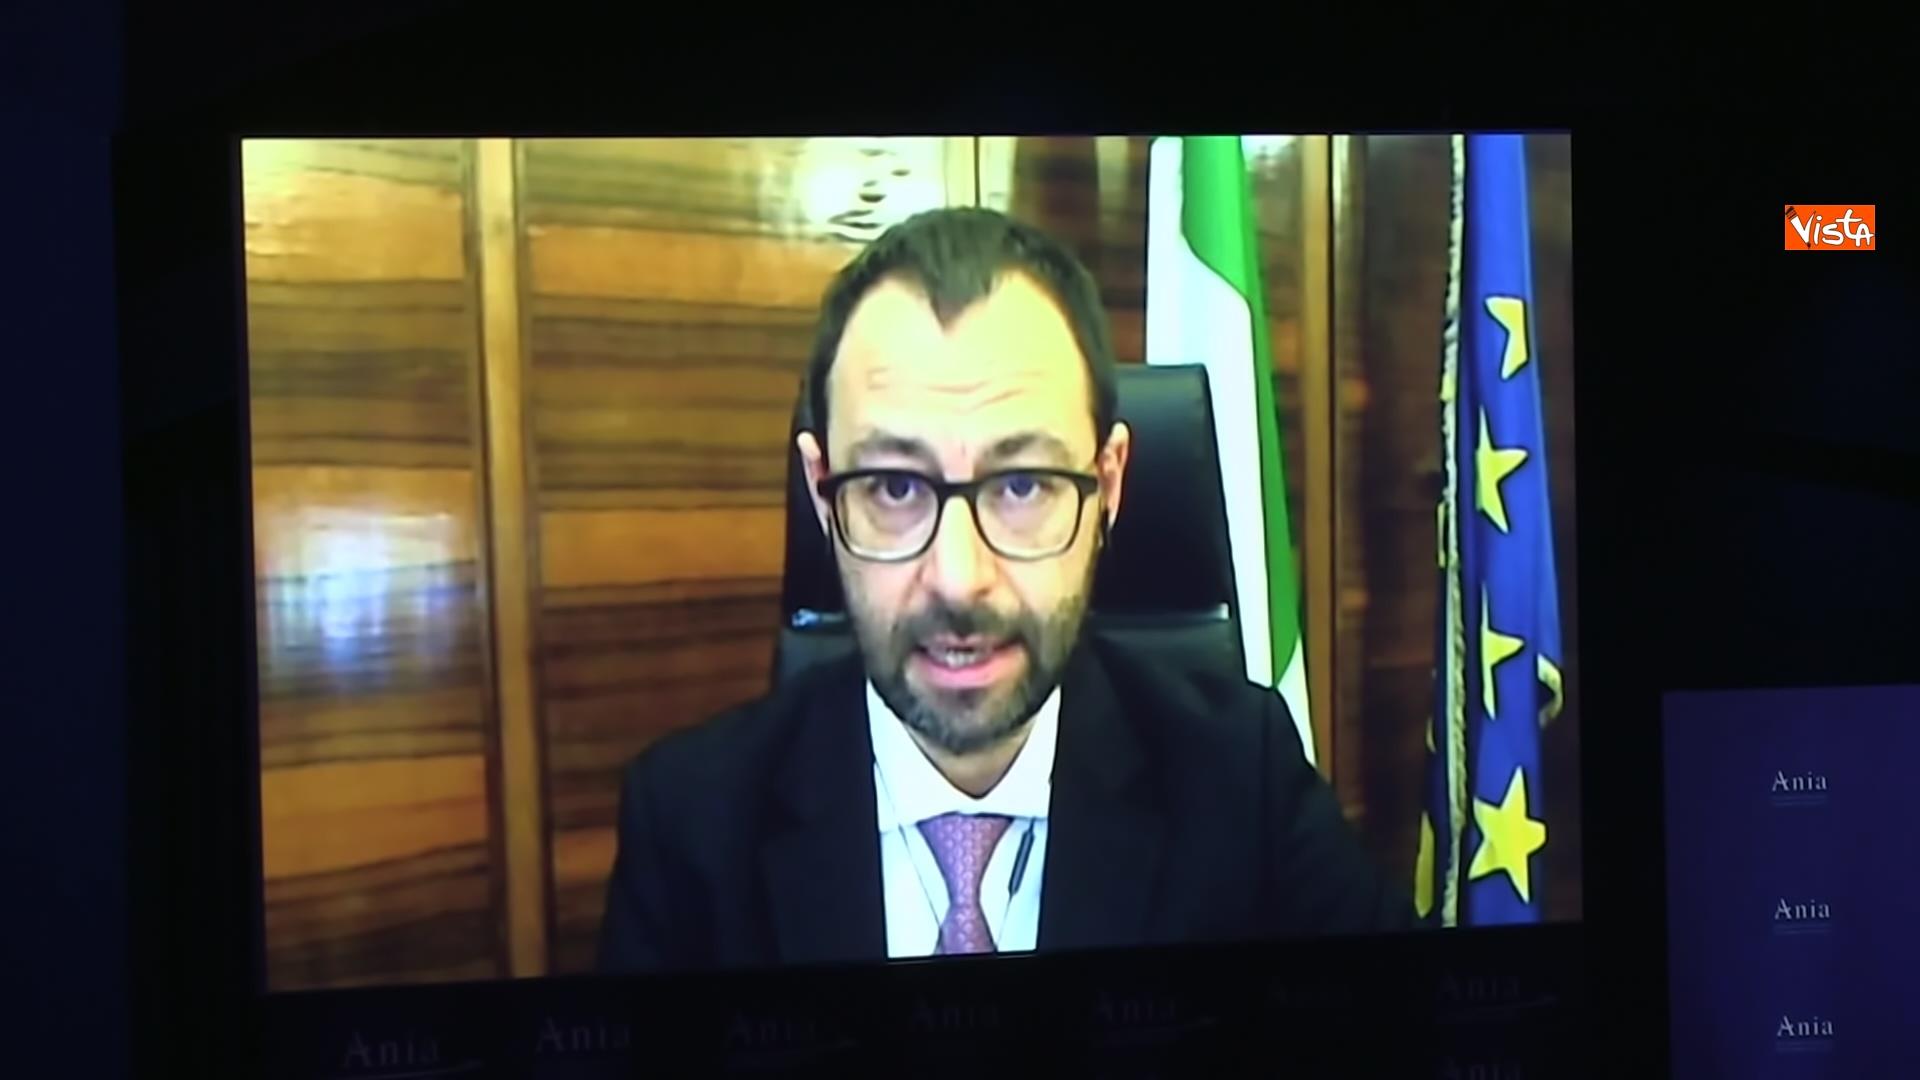 19-10-20 Ania l assemblea annuale 2020 con Conte e Patuanelli in video collegamento immagini_il ministro Patuanelli_09